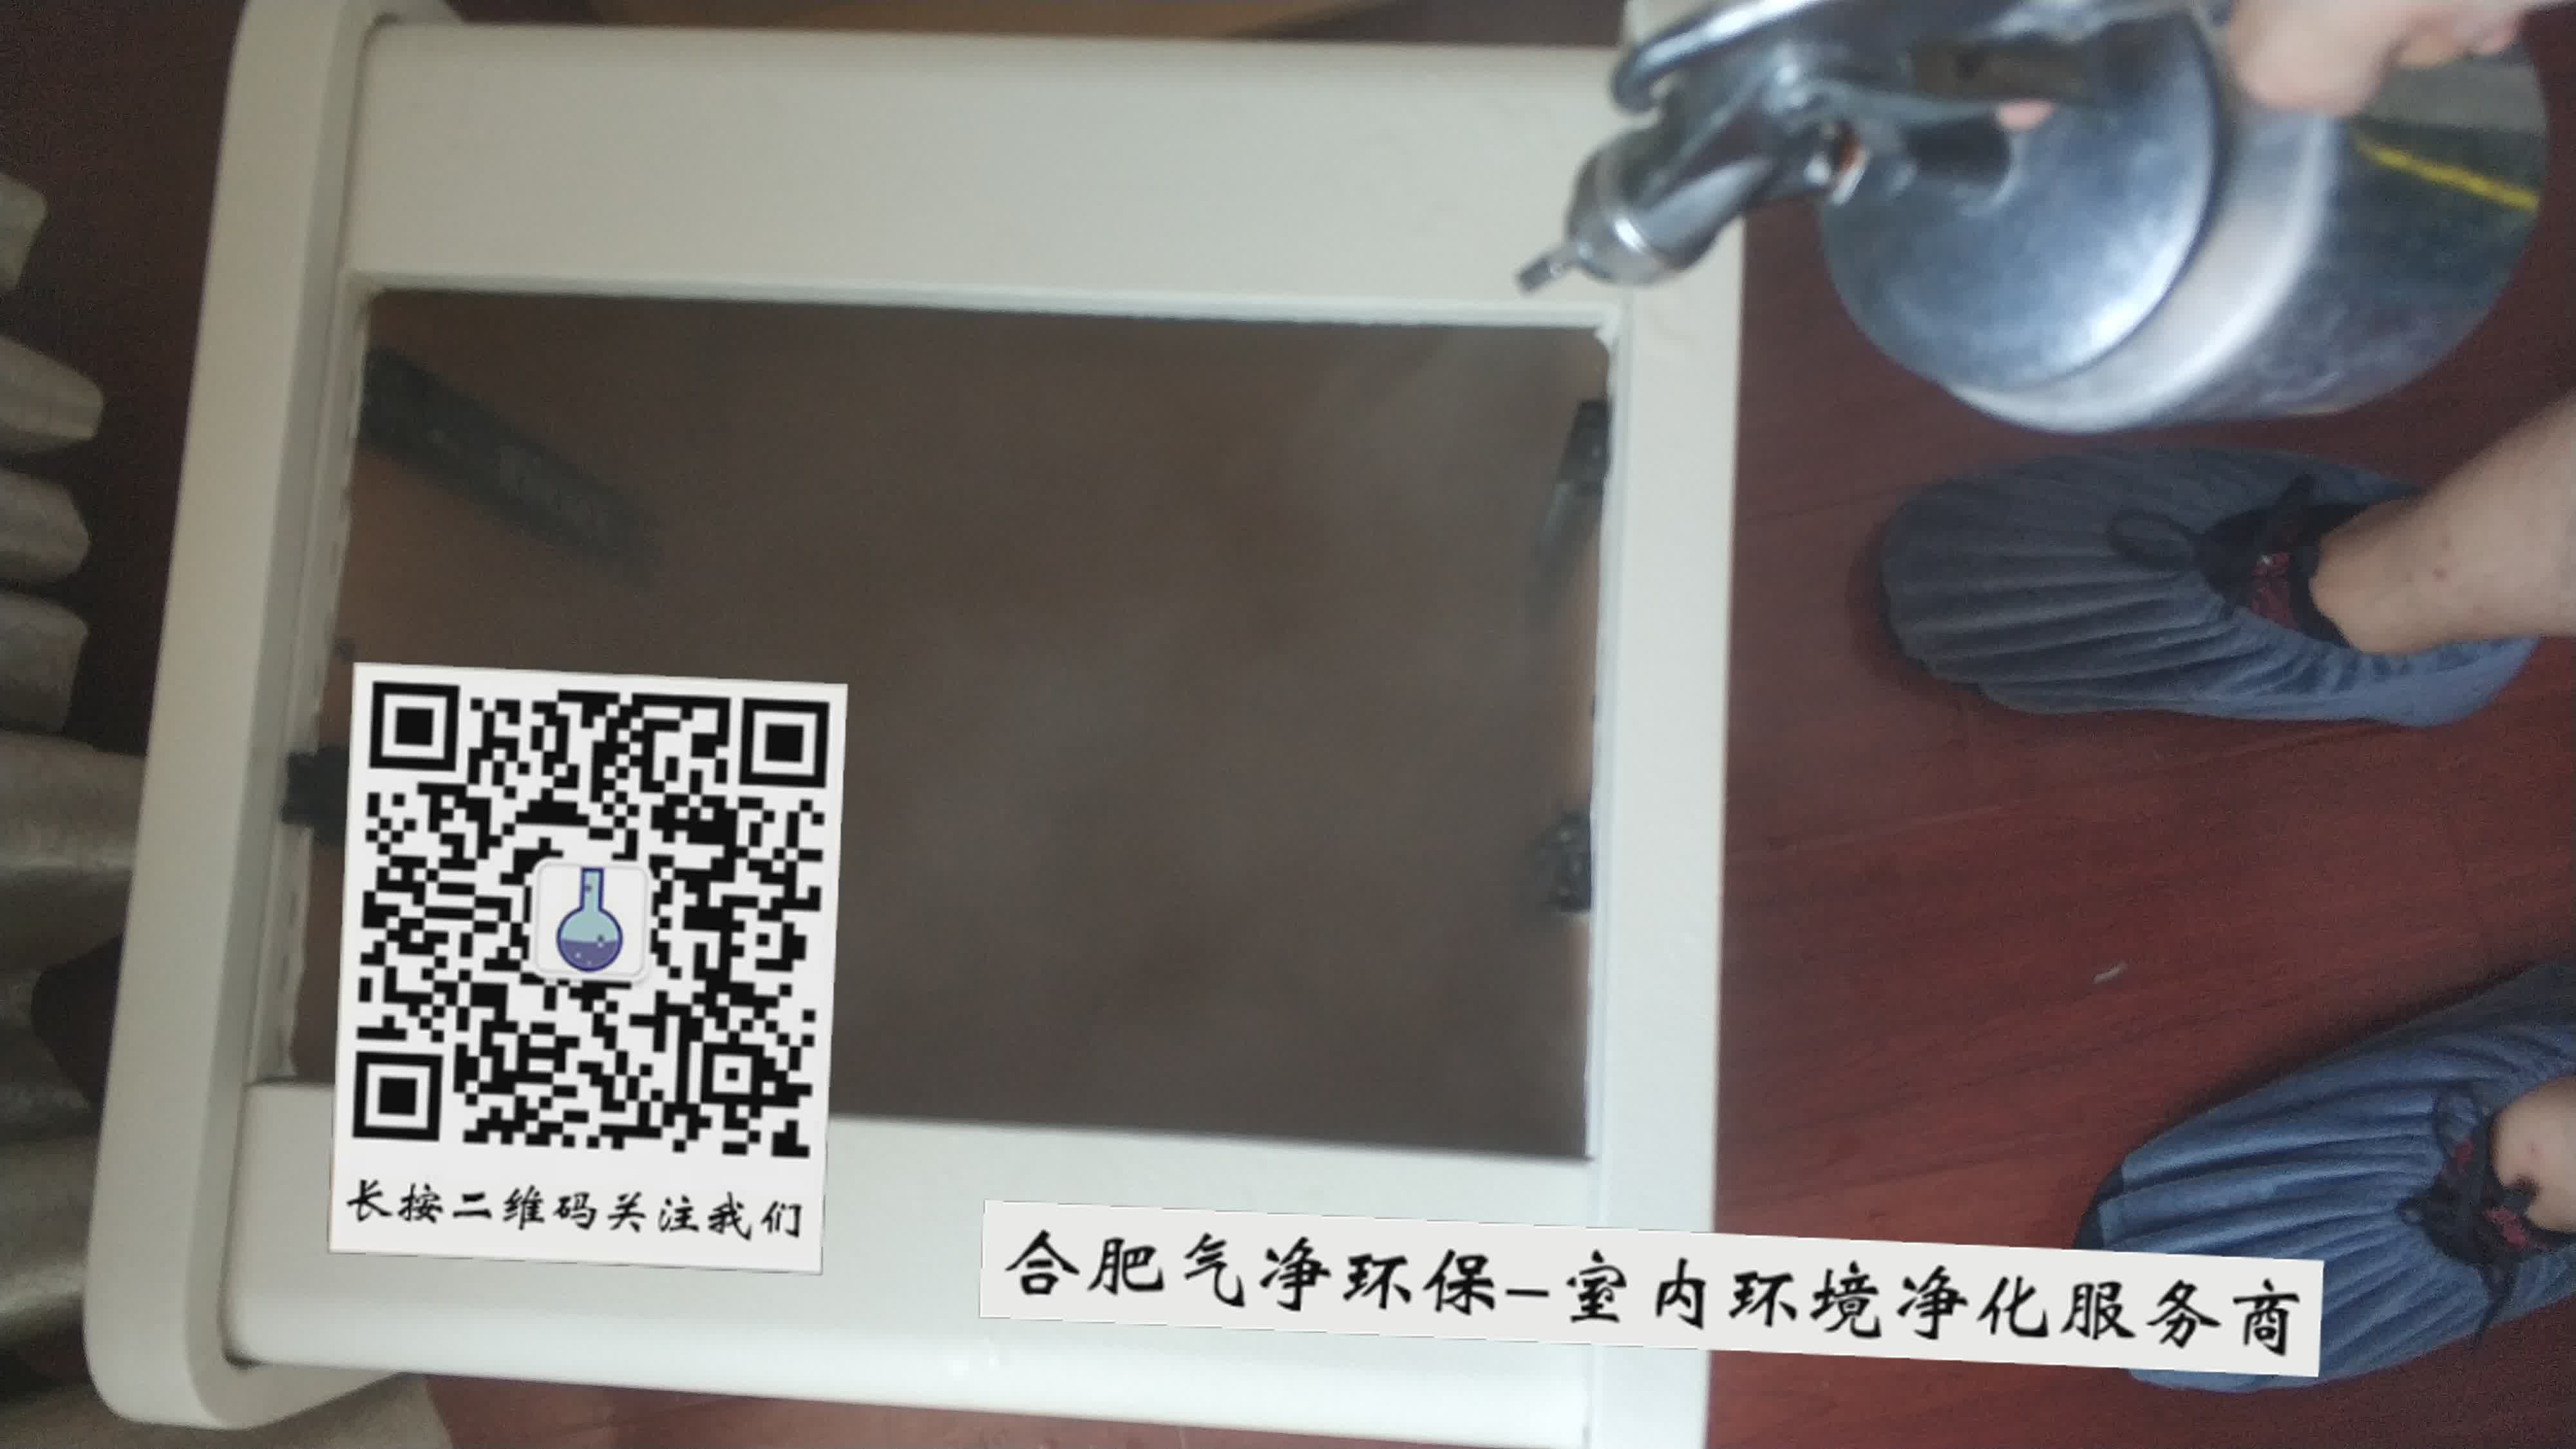 水印图片by水印王_20180714-152007751